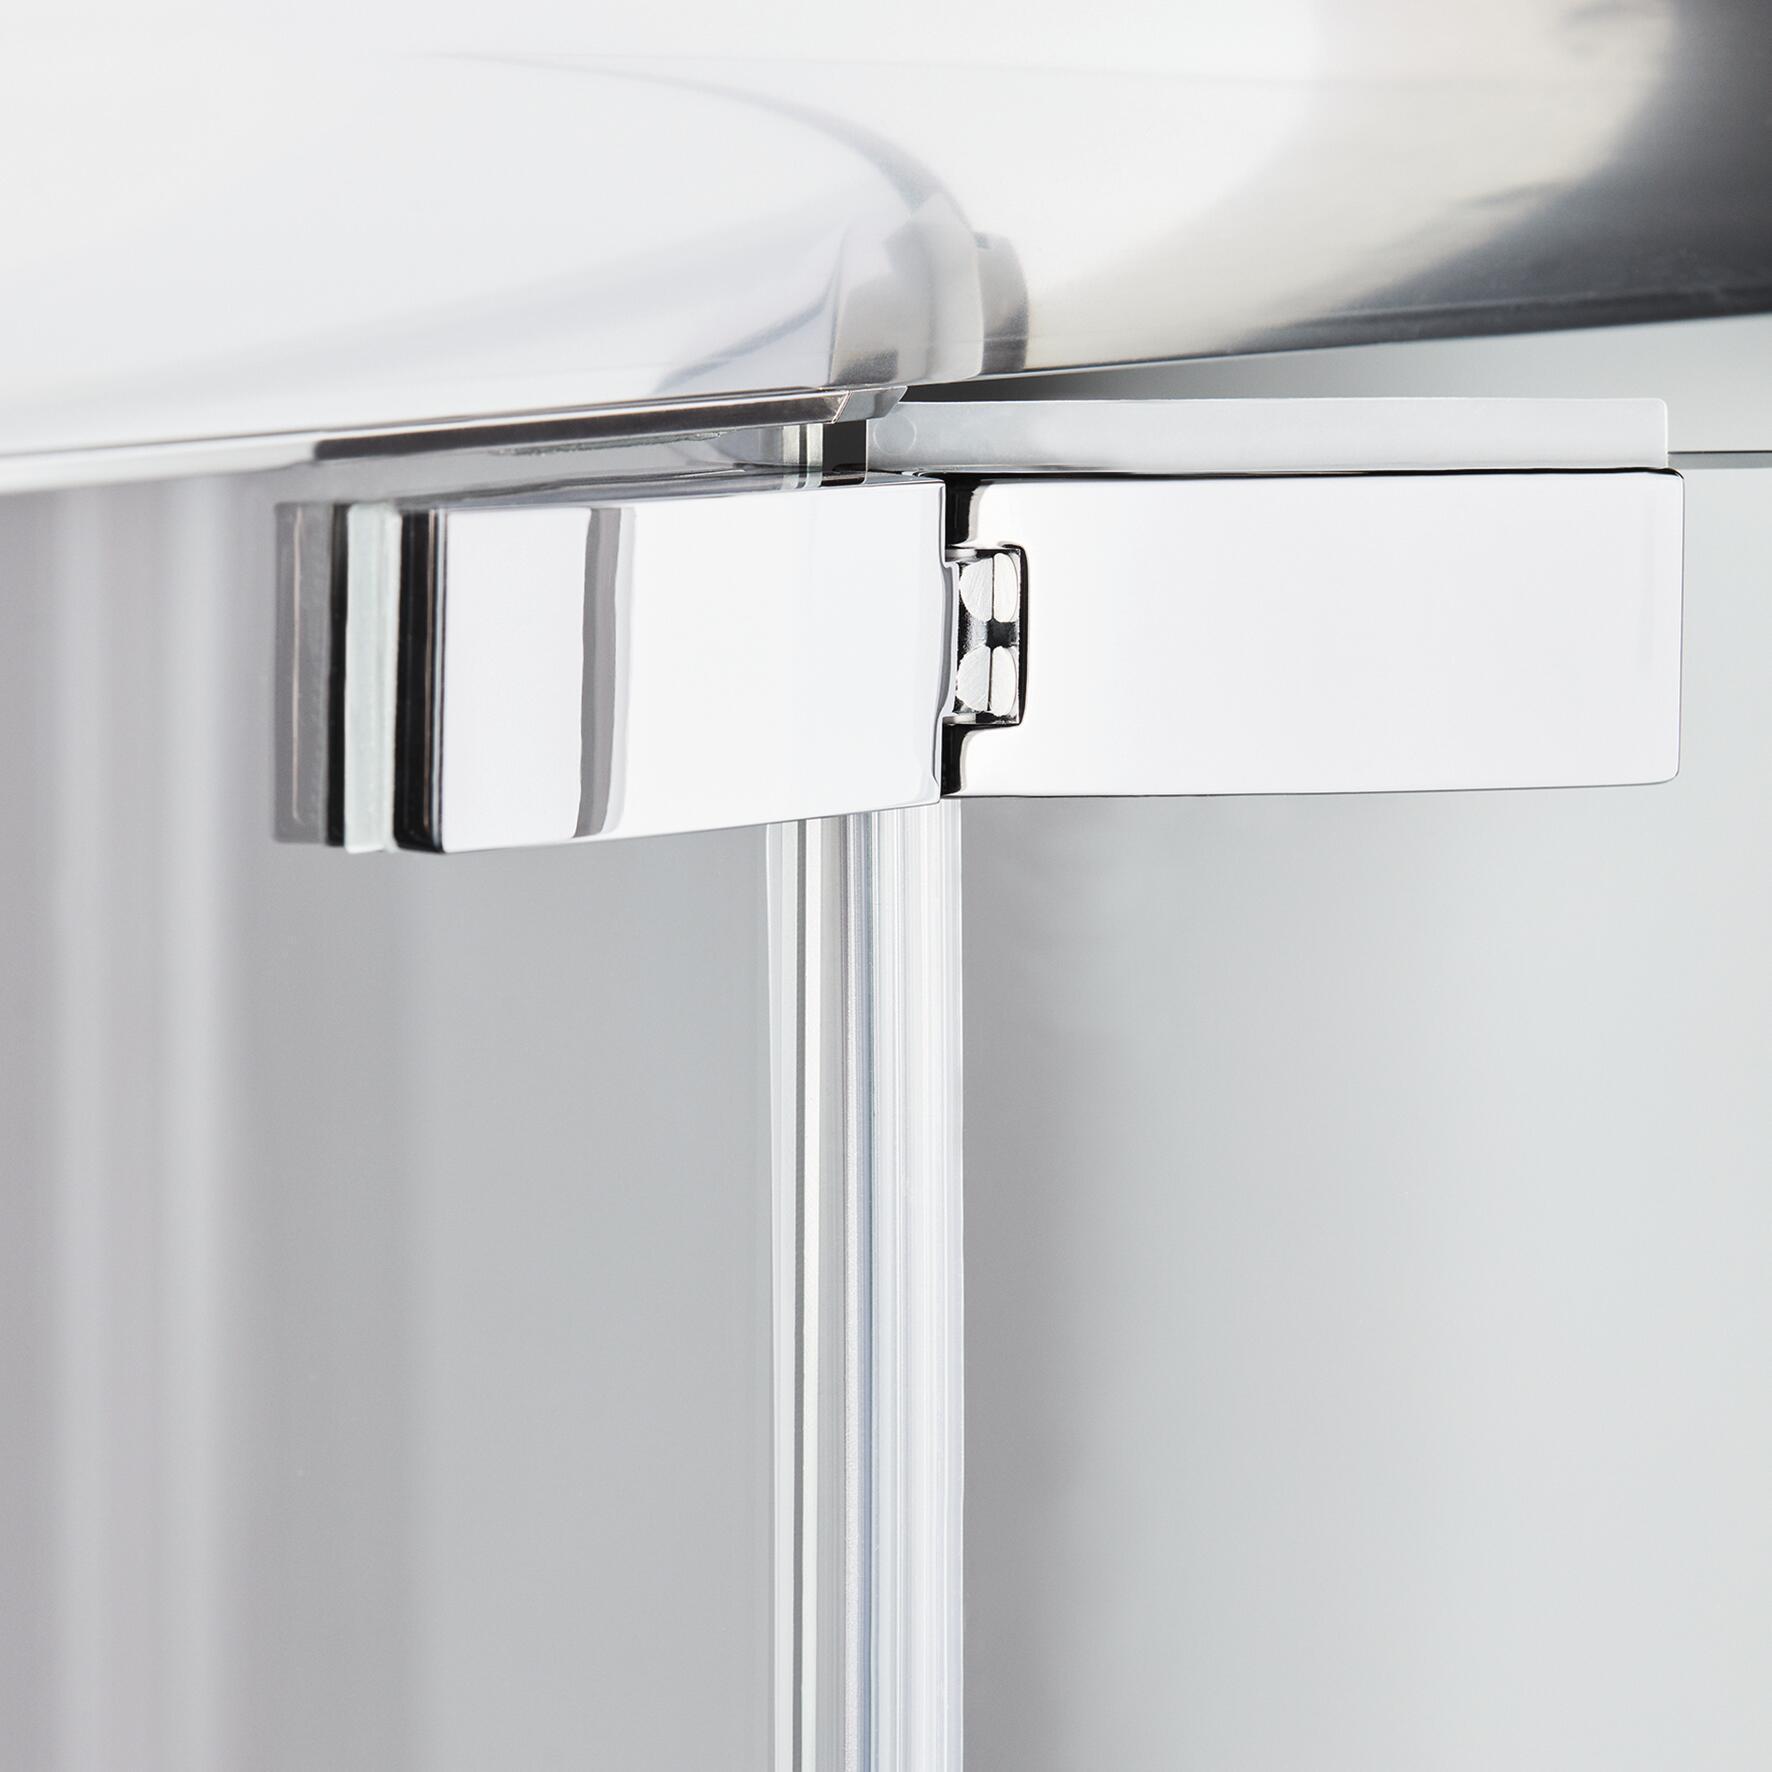 Porta doccia battente Namara 160 cm, H 195 cm in vetro temprato, spessore 8 mm trasparente silver - 4